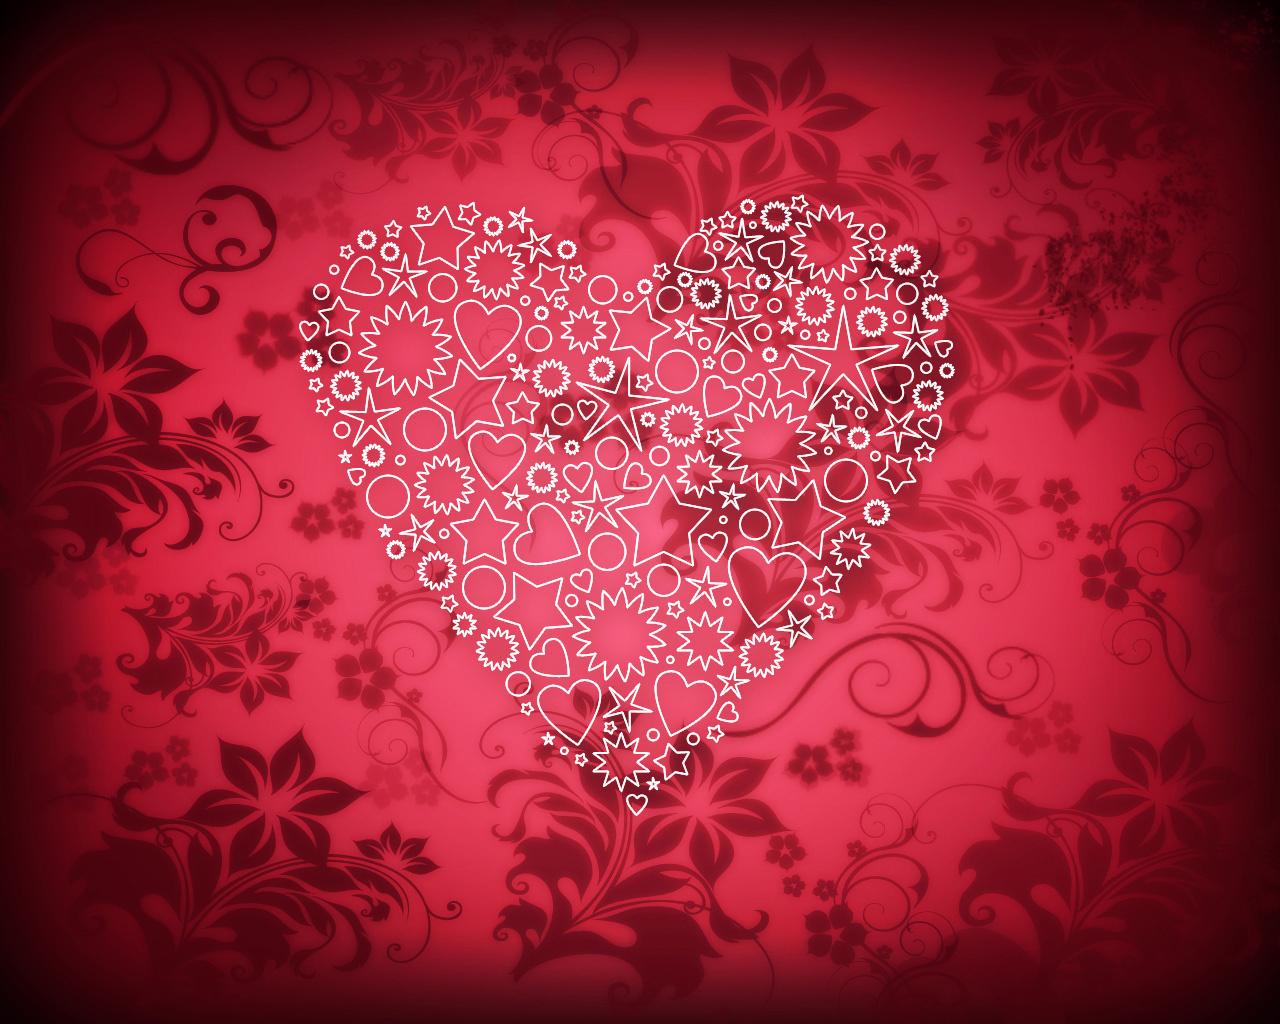 Скачать картинку Любовь, День Святого Валентина (Valentine's Day), Сердца, Праздники, Фон в телефон бесплатно.